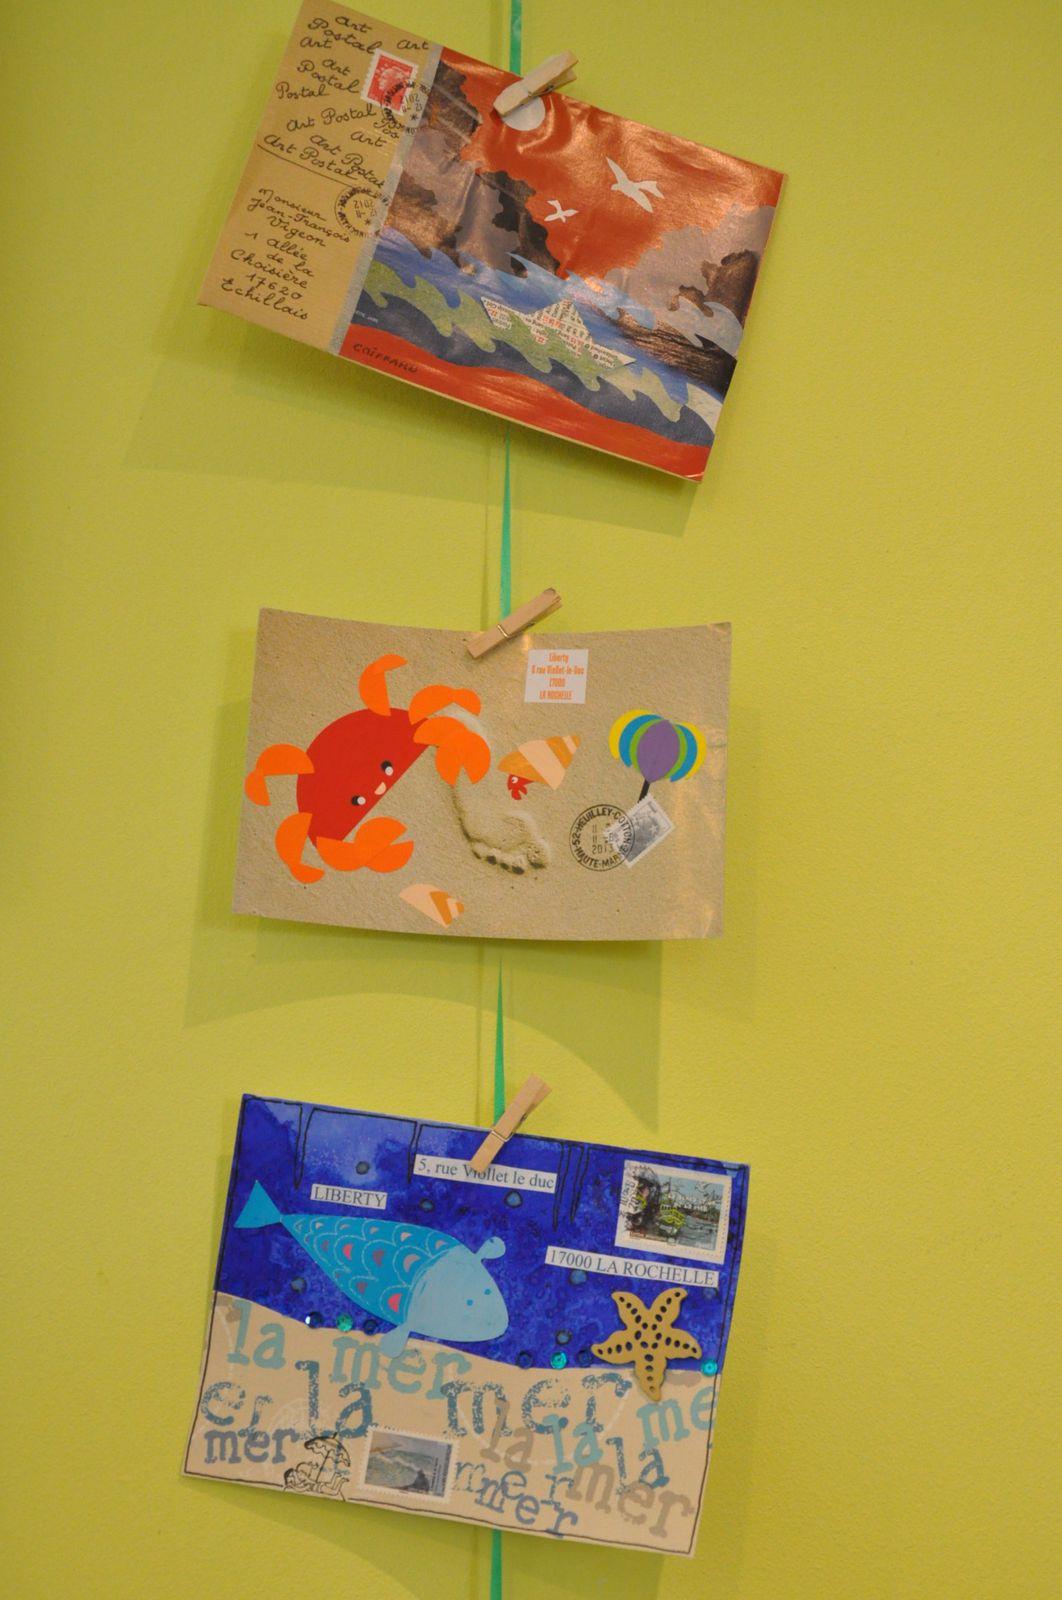 Je n'oublie pas également de remercier Chantal Casamayor de Planta et tous les autres amis mail-artistes qui ont bien voulu adhérer à mon projet et contribuer ainsi à la réussite de cette exposition...Je vous rappelle, chers amis visiteurs, que l'exposition sur la Mer va voguer jusqu'à la Médiathèque Jeunesse de Rochefort sur Mer (Corderie Royale) du 19 au 31 août! Qu'on se le dise!!!!!!!